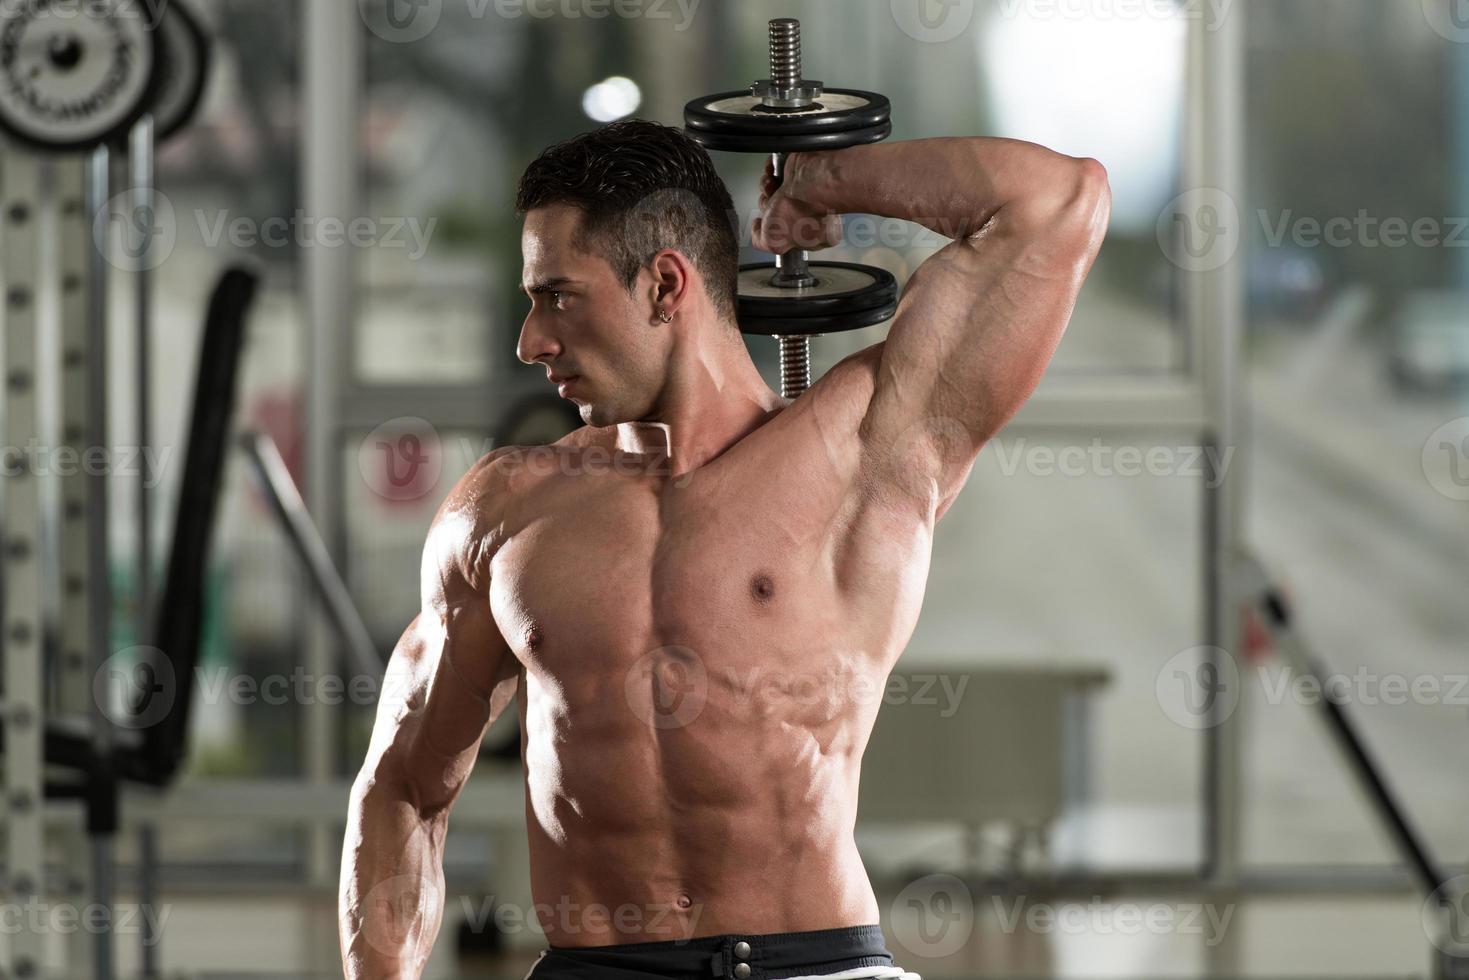 jovem fazendo exercício para tríceps foto